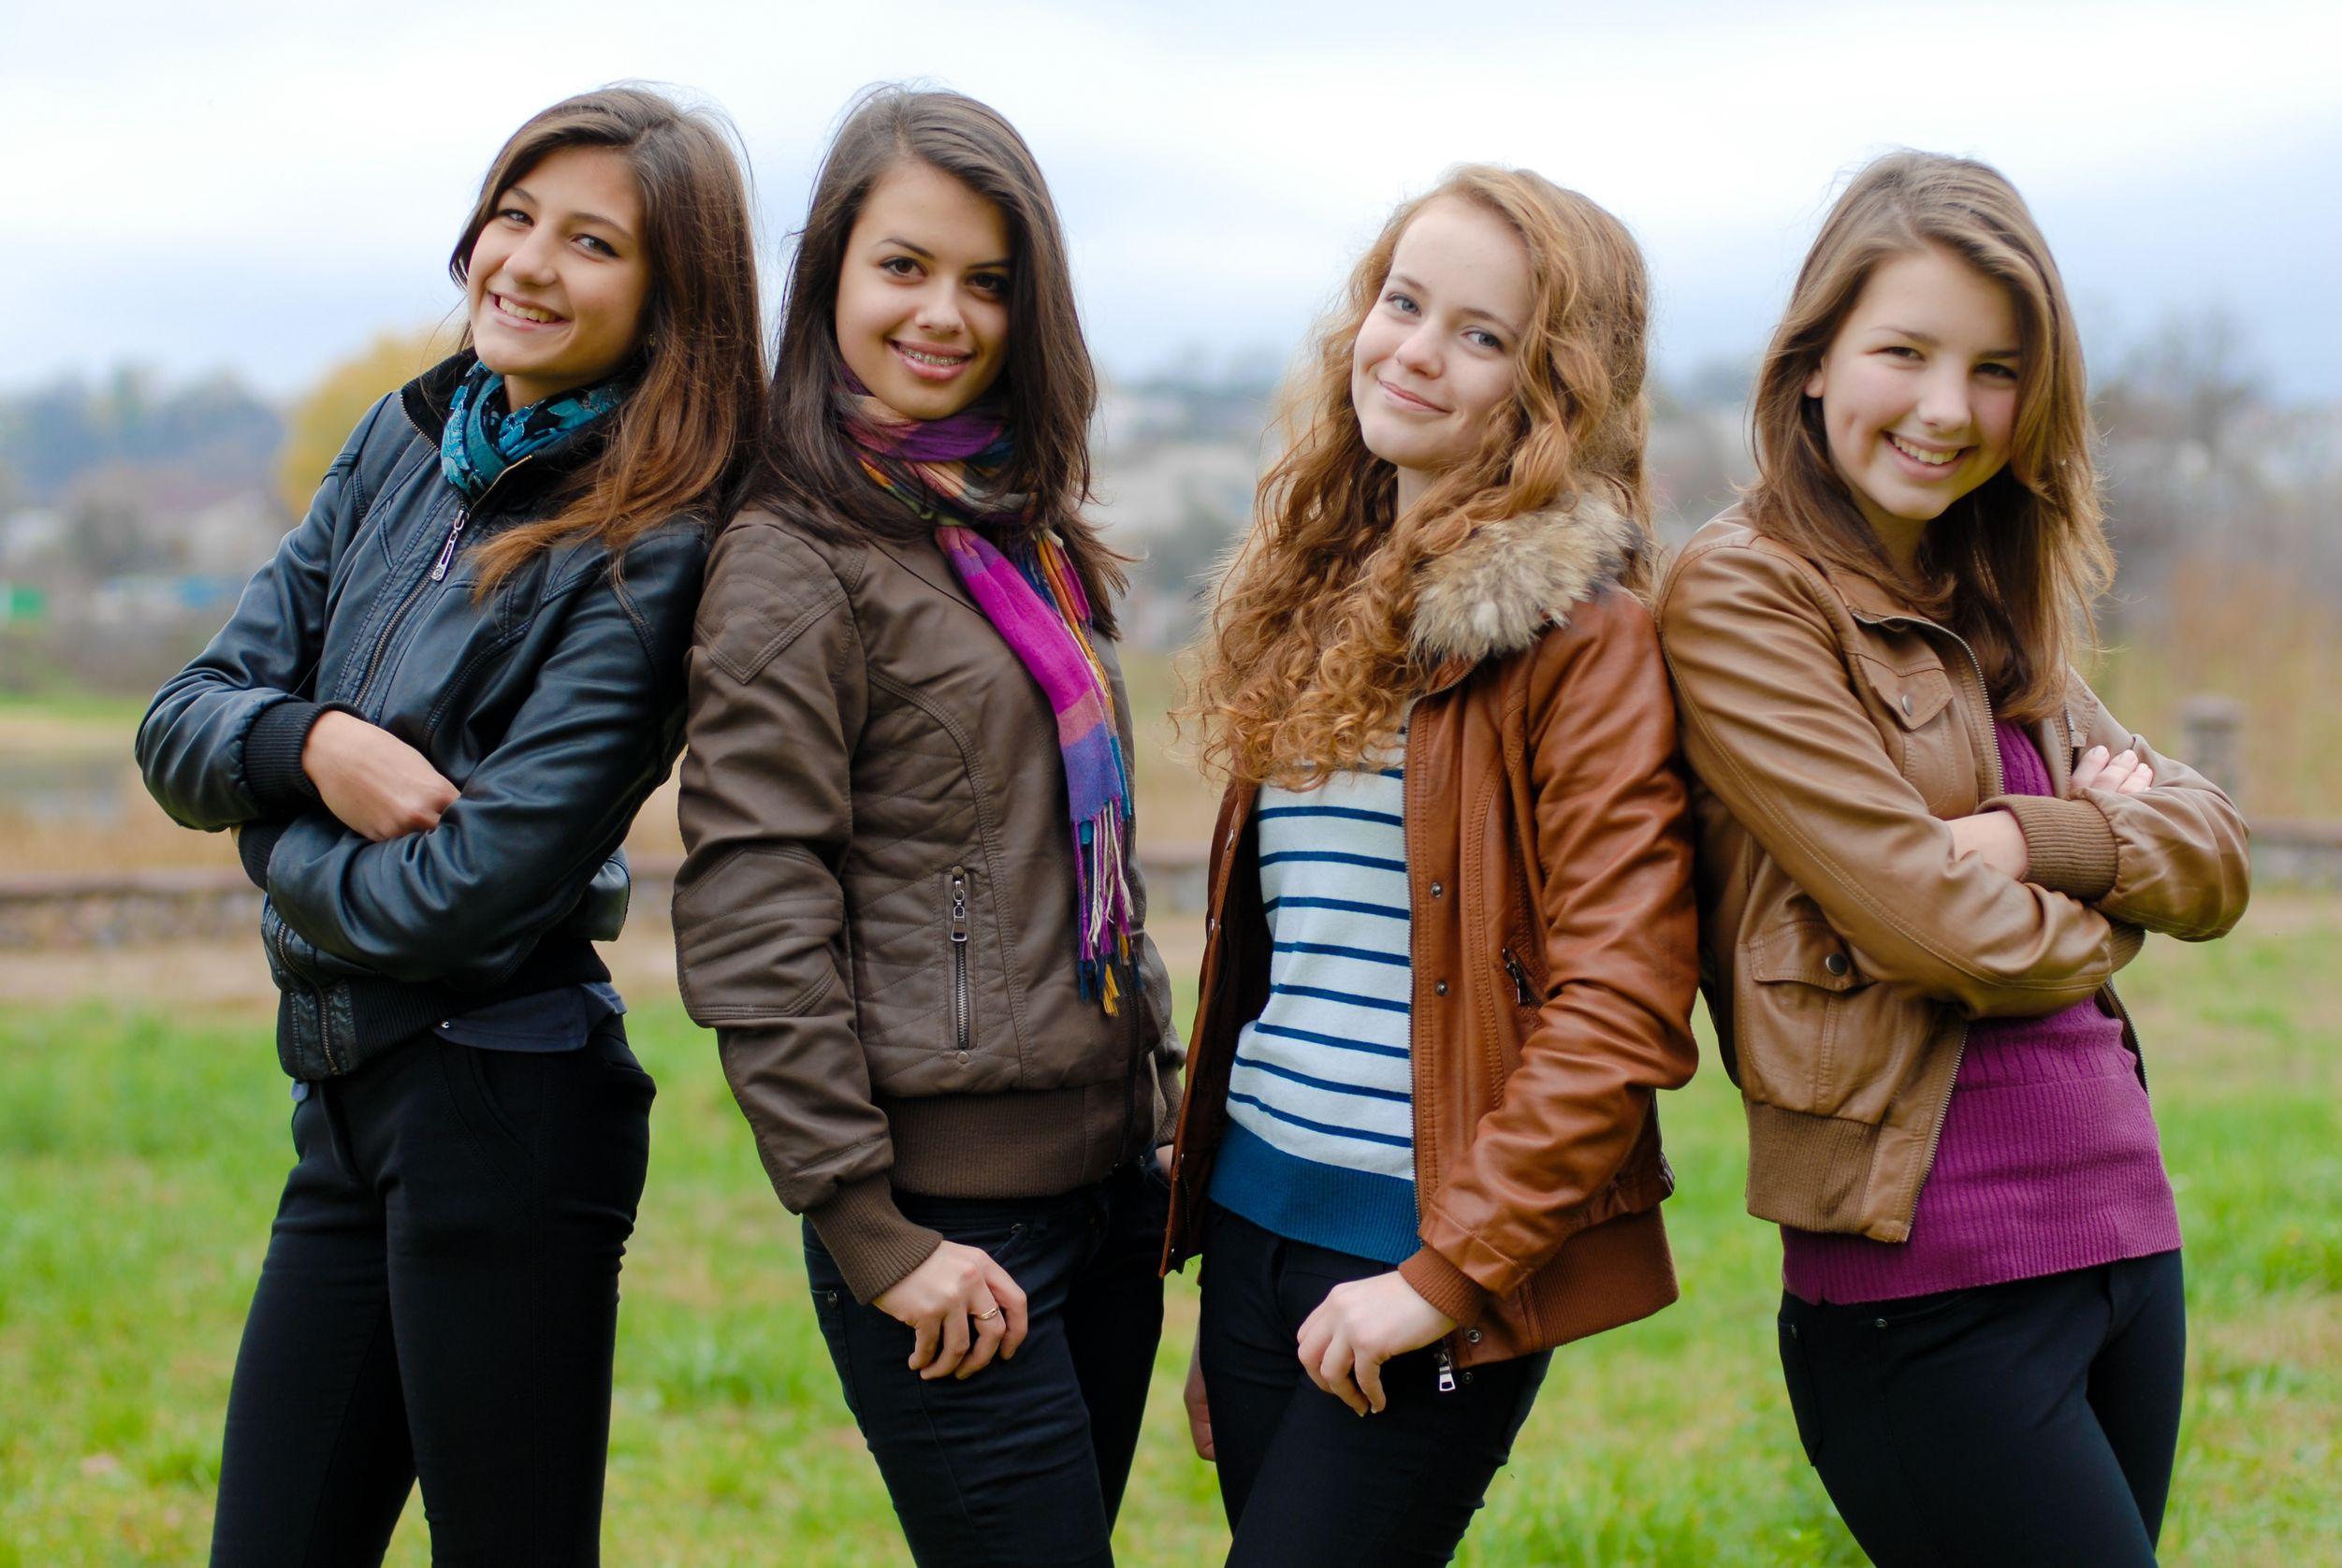 Free teenage girls brochures, amateur internet panty gallery